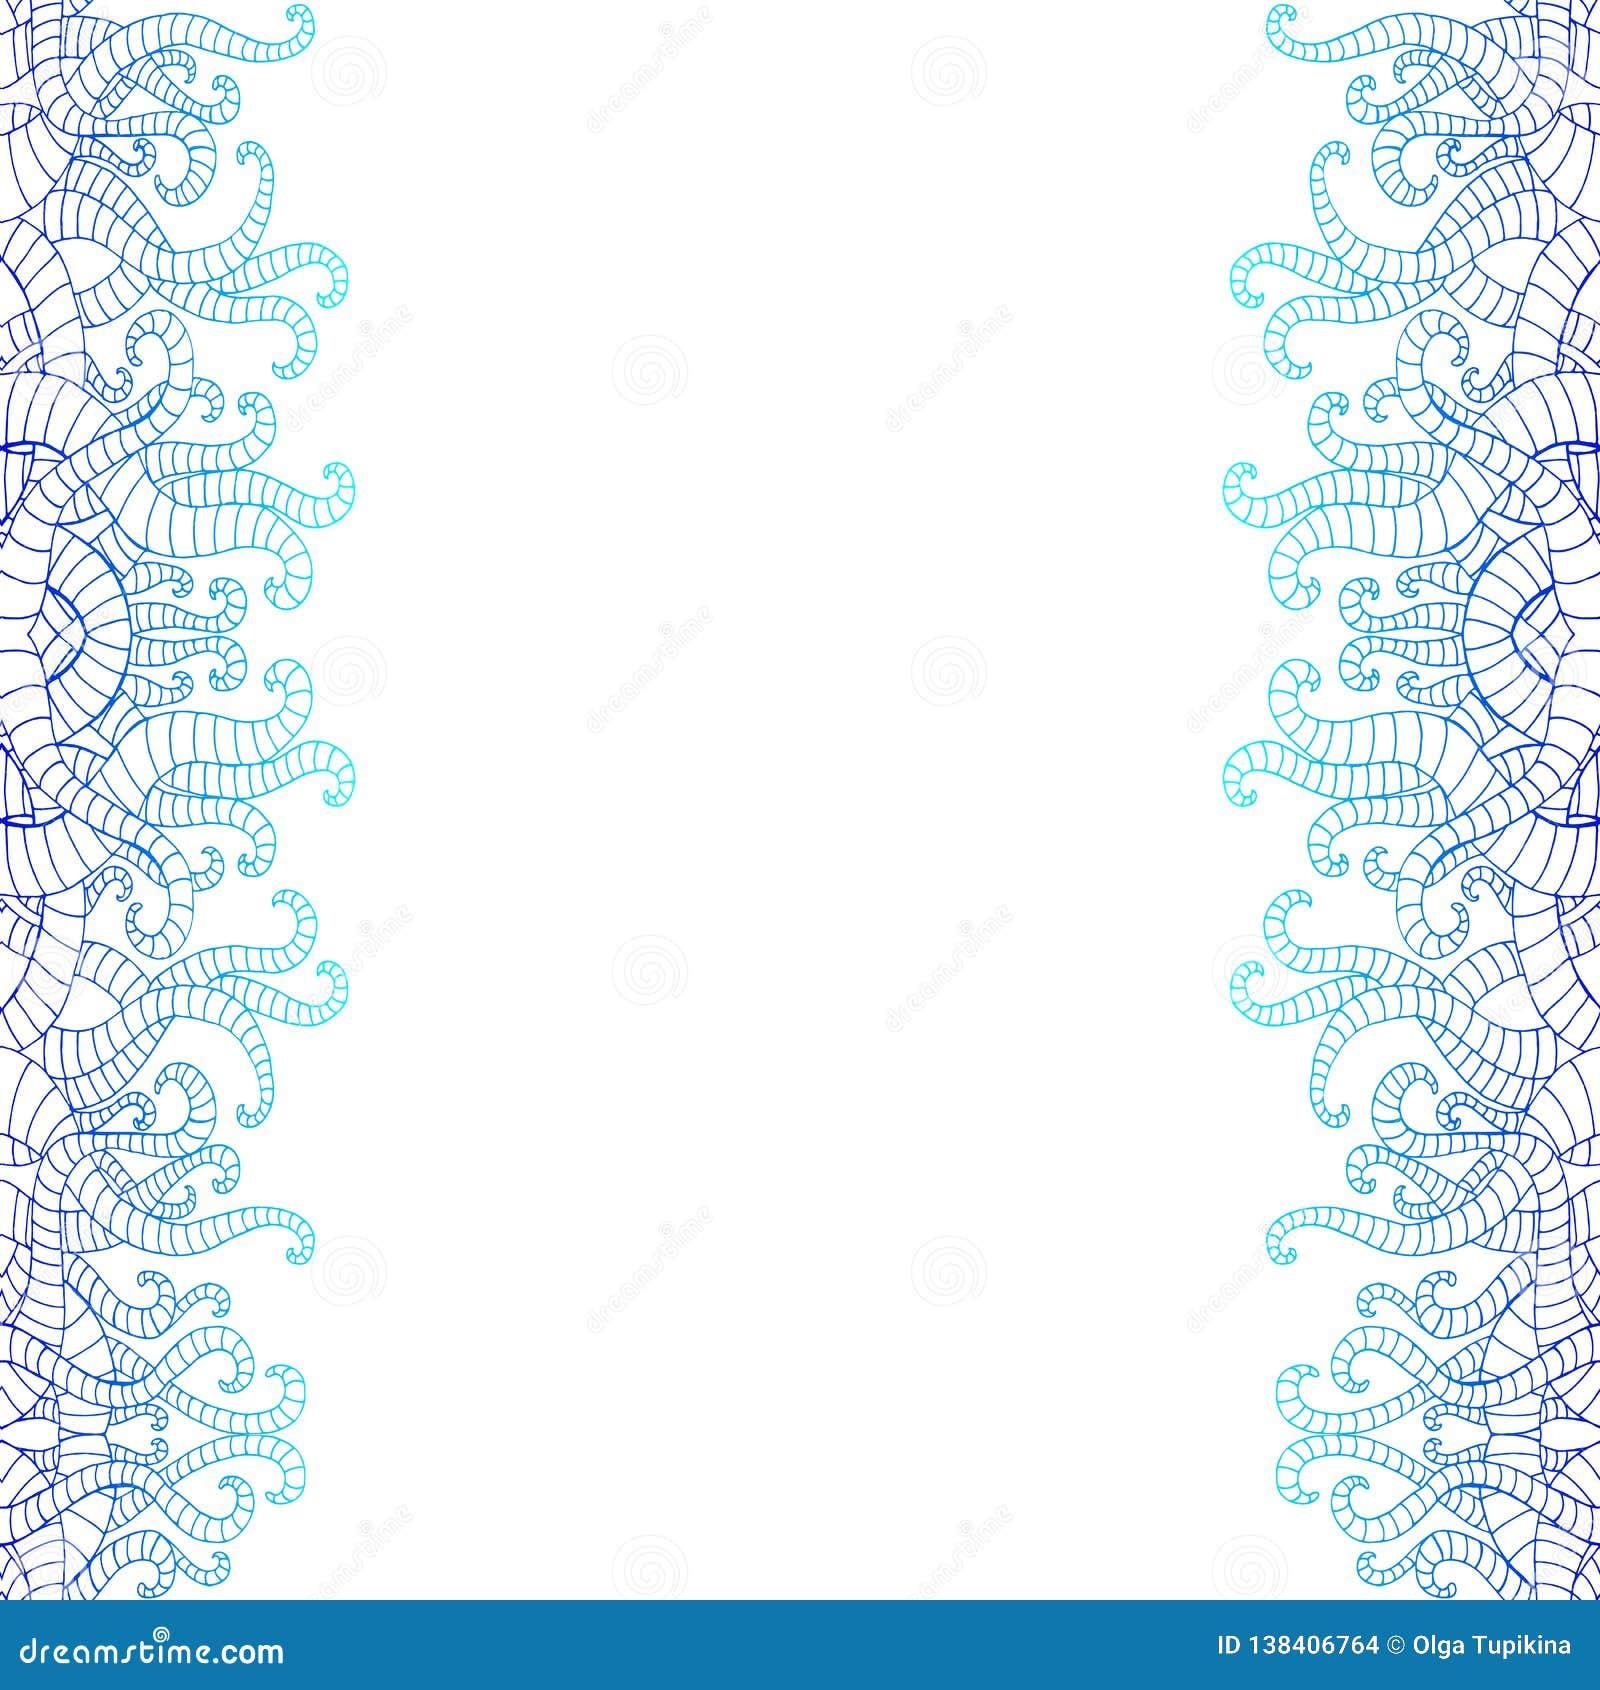 Griffonnage Decoratif Vertical Seamlesspattern A L Arriere Plan Blanc Couleurs Bleues Et Bleu Fonce De Gradient Abrege Sur Vinta Illustration De Vecteur Illustration Du Illustration Tabouret 138406764